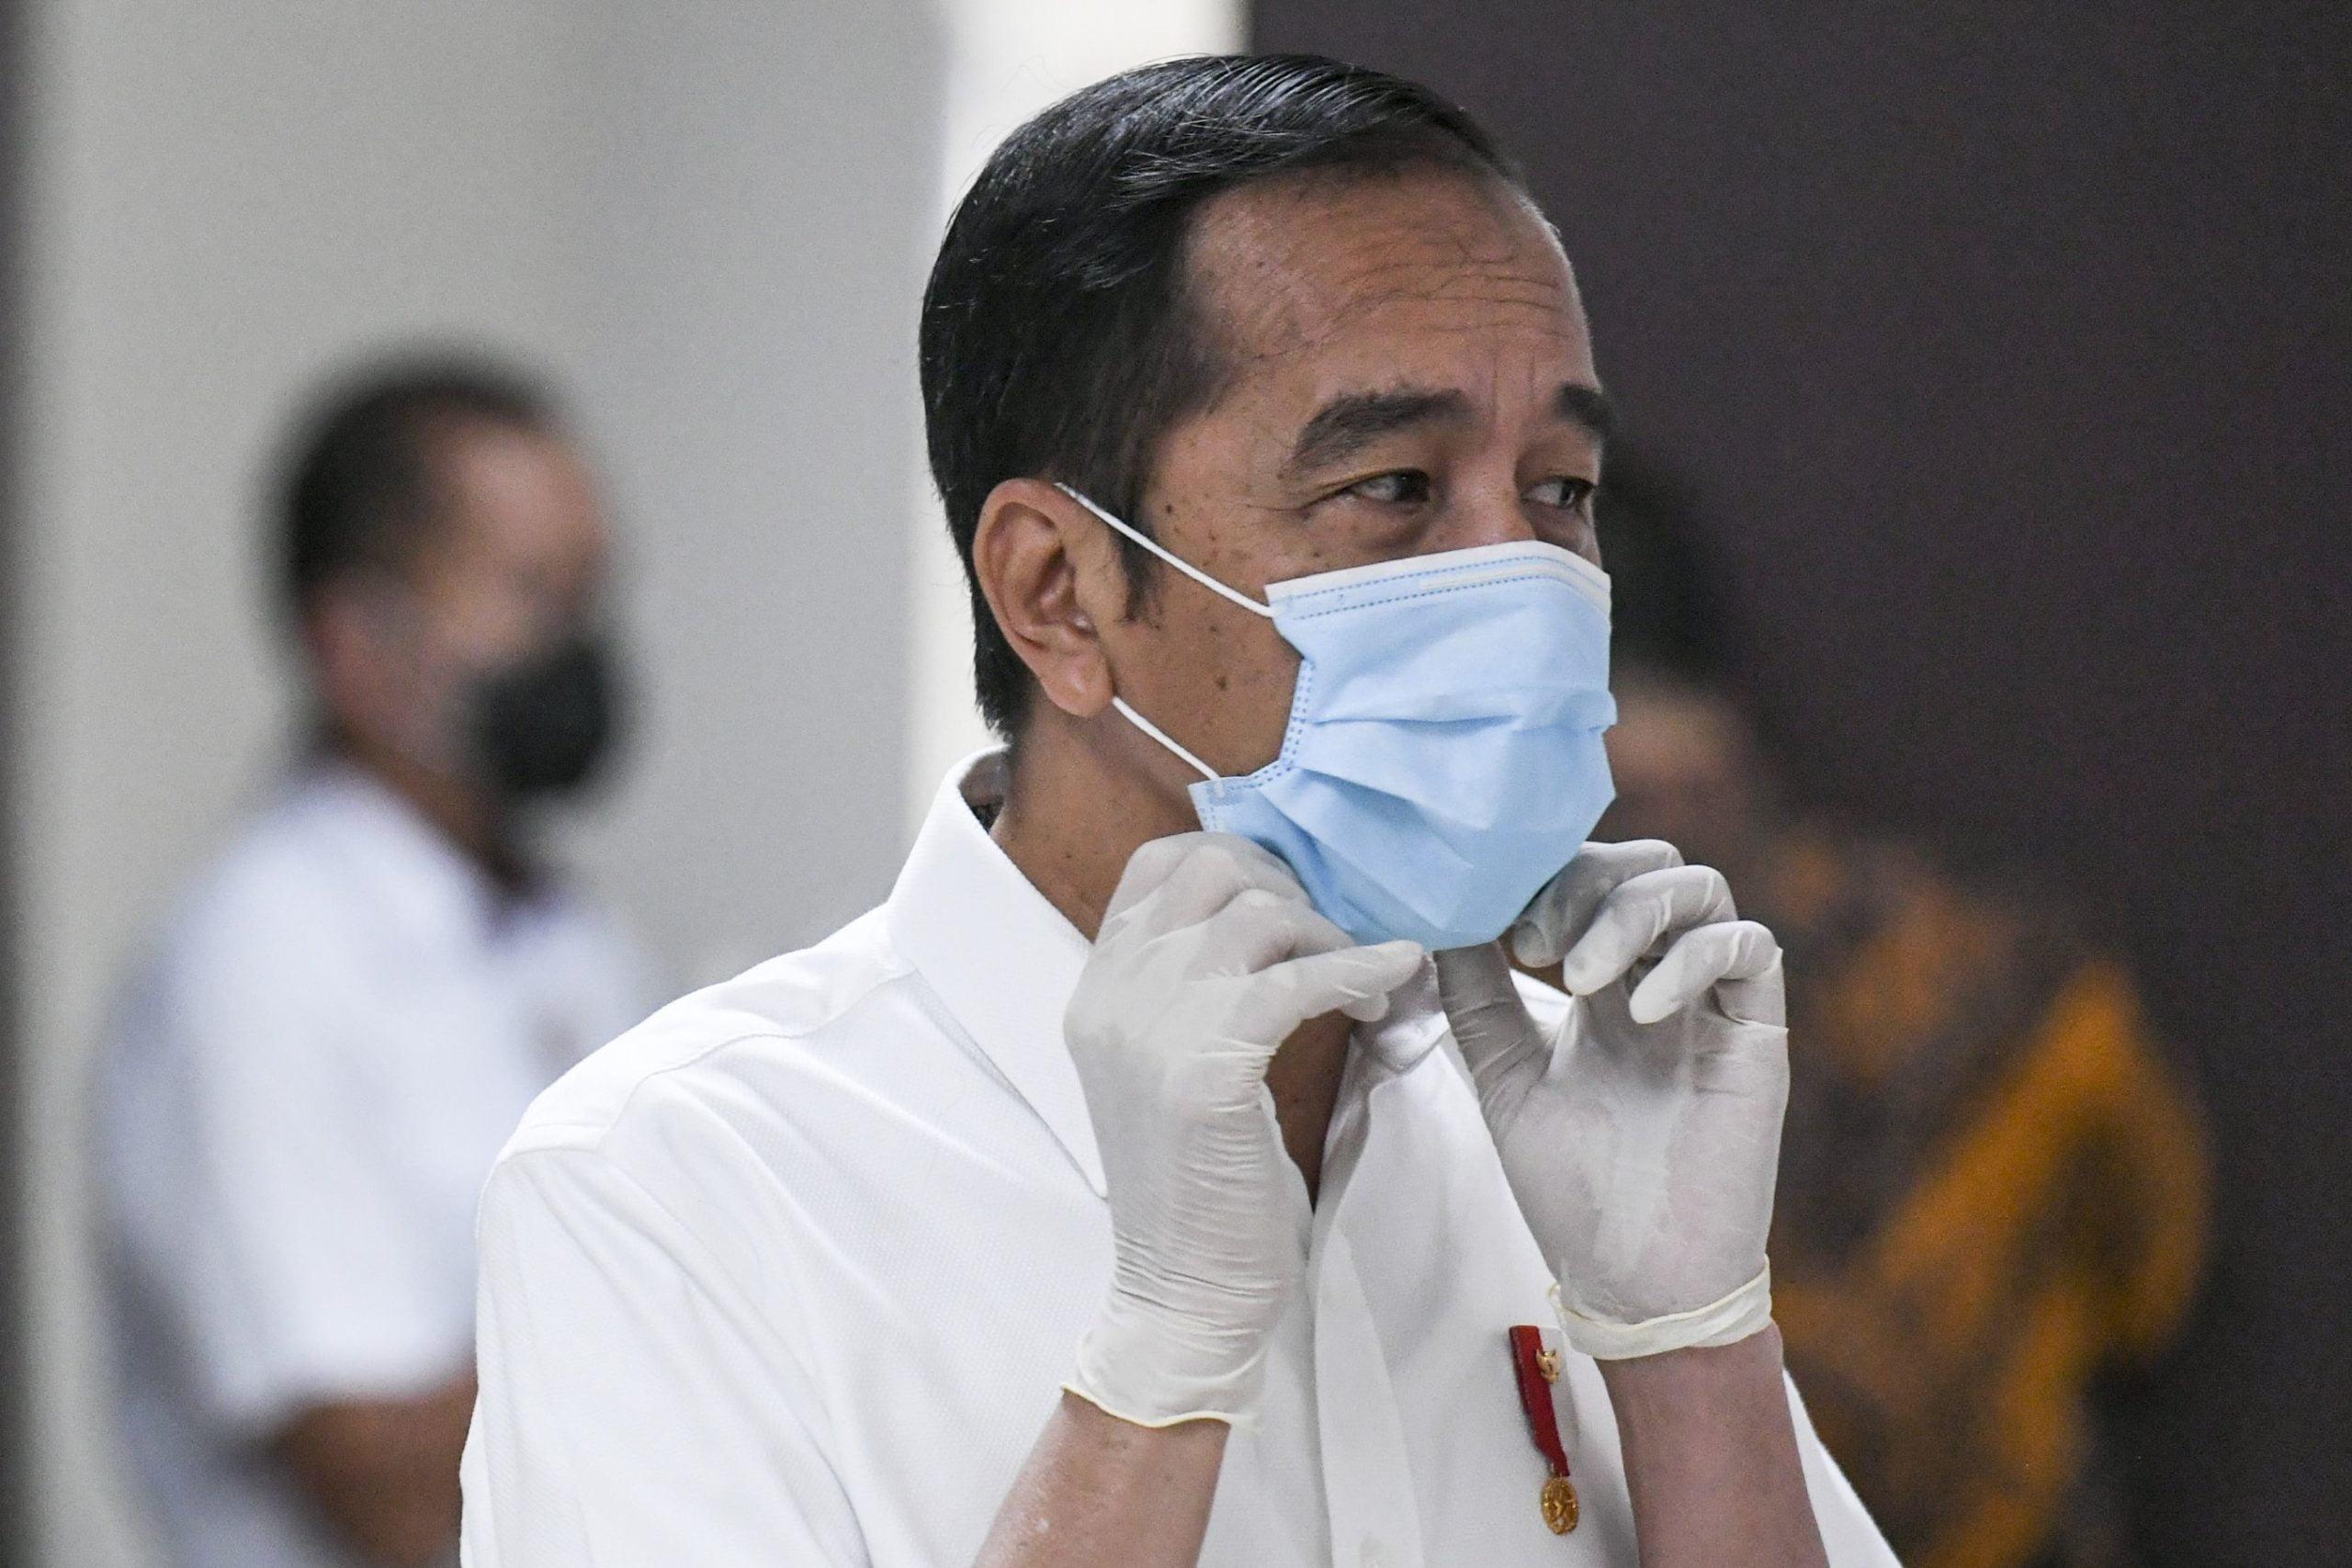 Perkembangan Teknologi, Jokowi: Informasi Jadi Kebutuhan